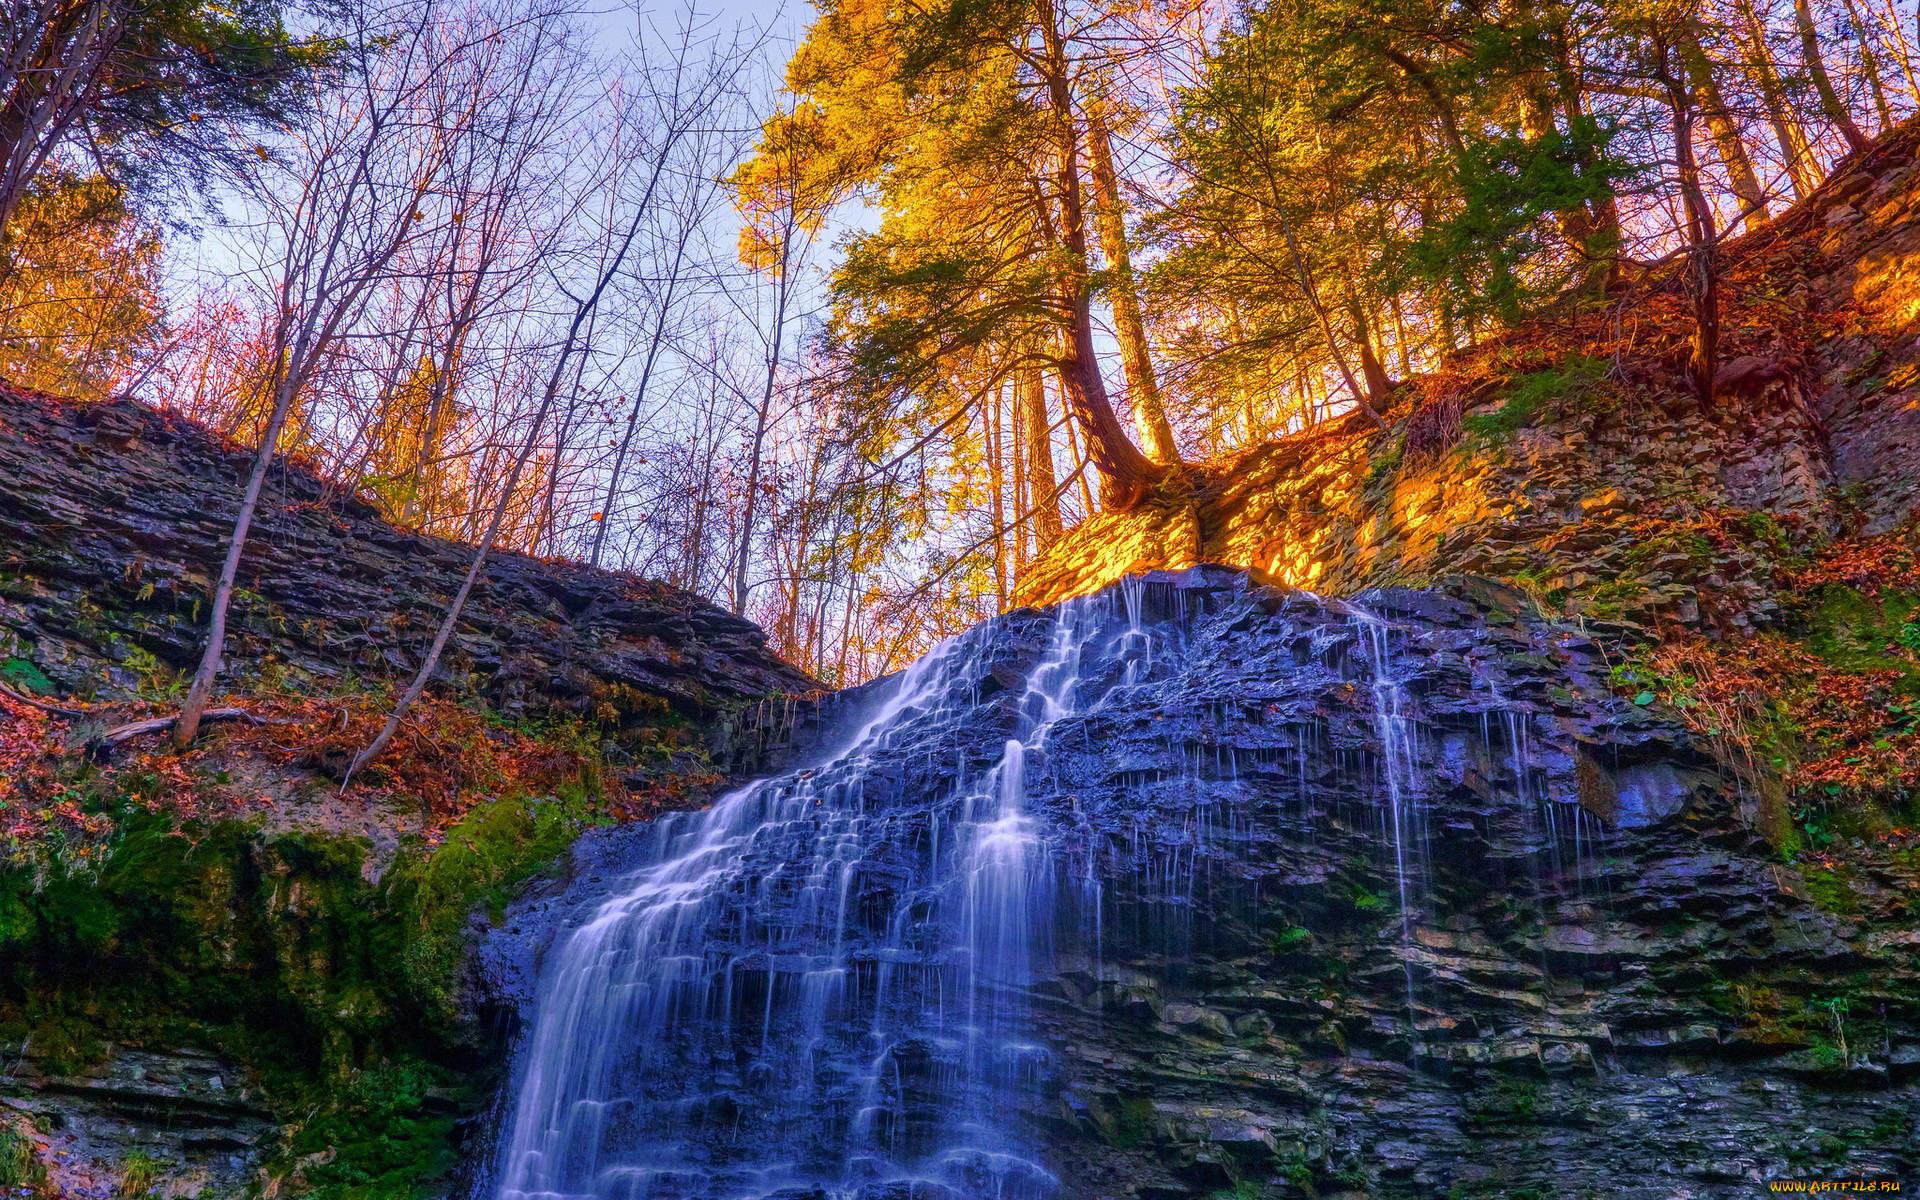 самом начале осенний водопад фото простых французов